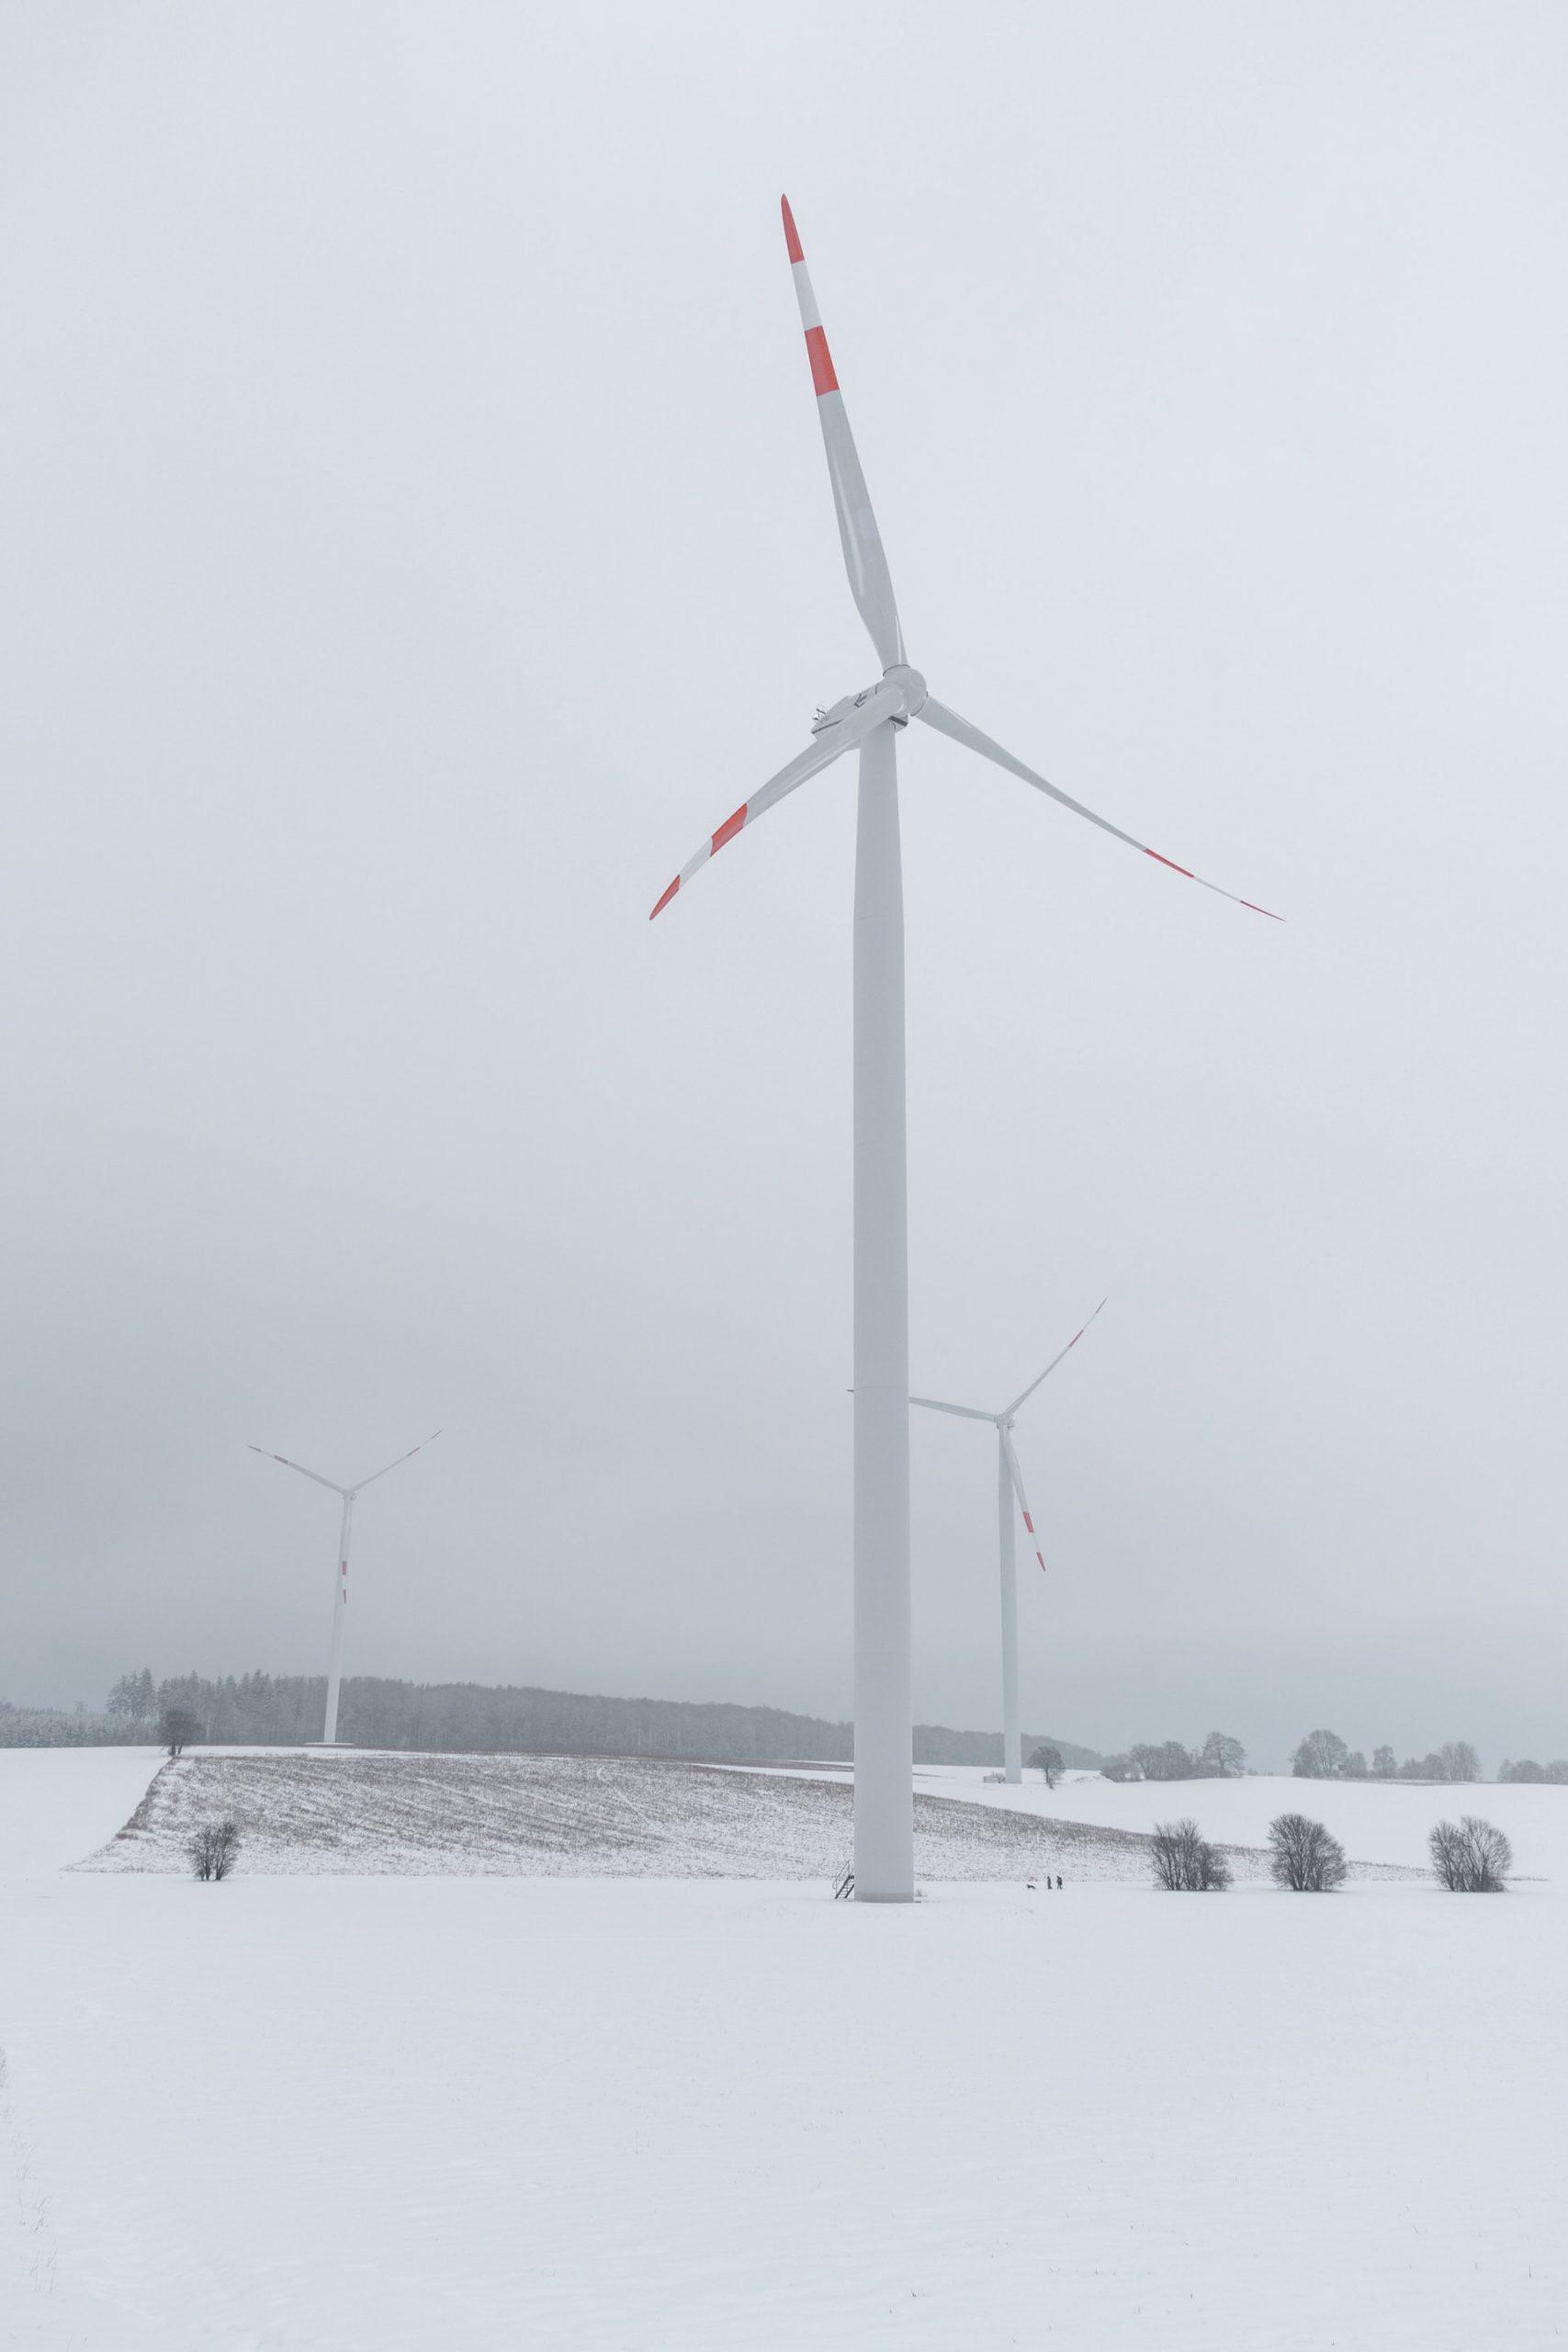 duurzame energie opgewekt in landschap met sneeuw